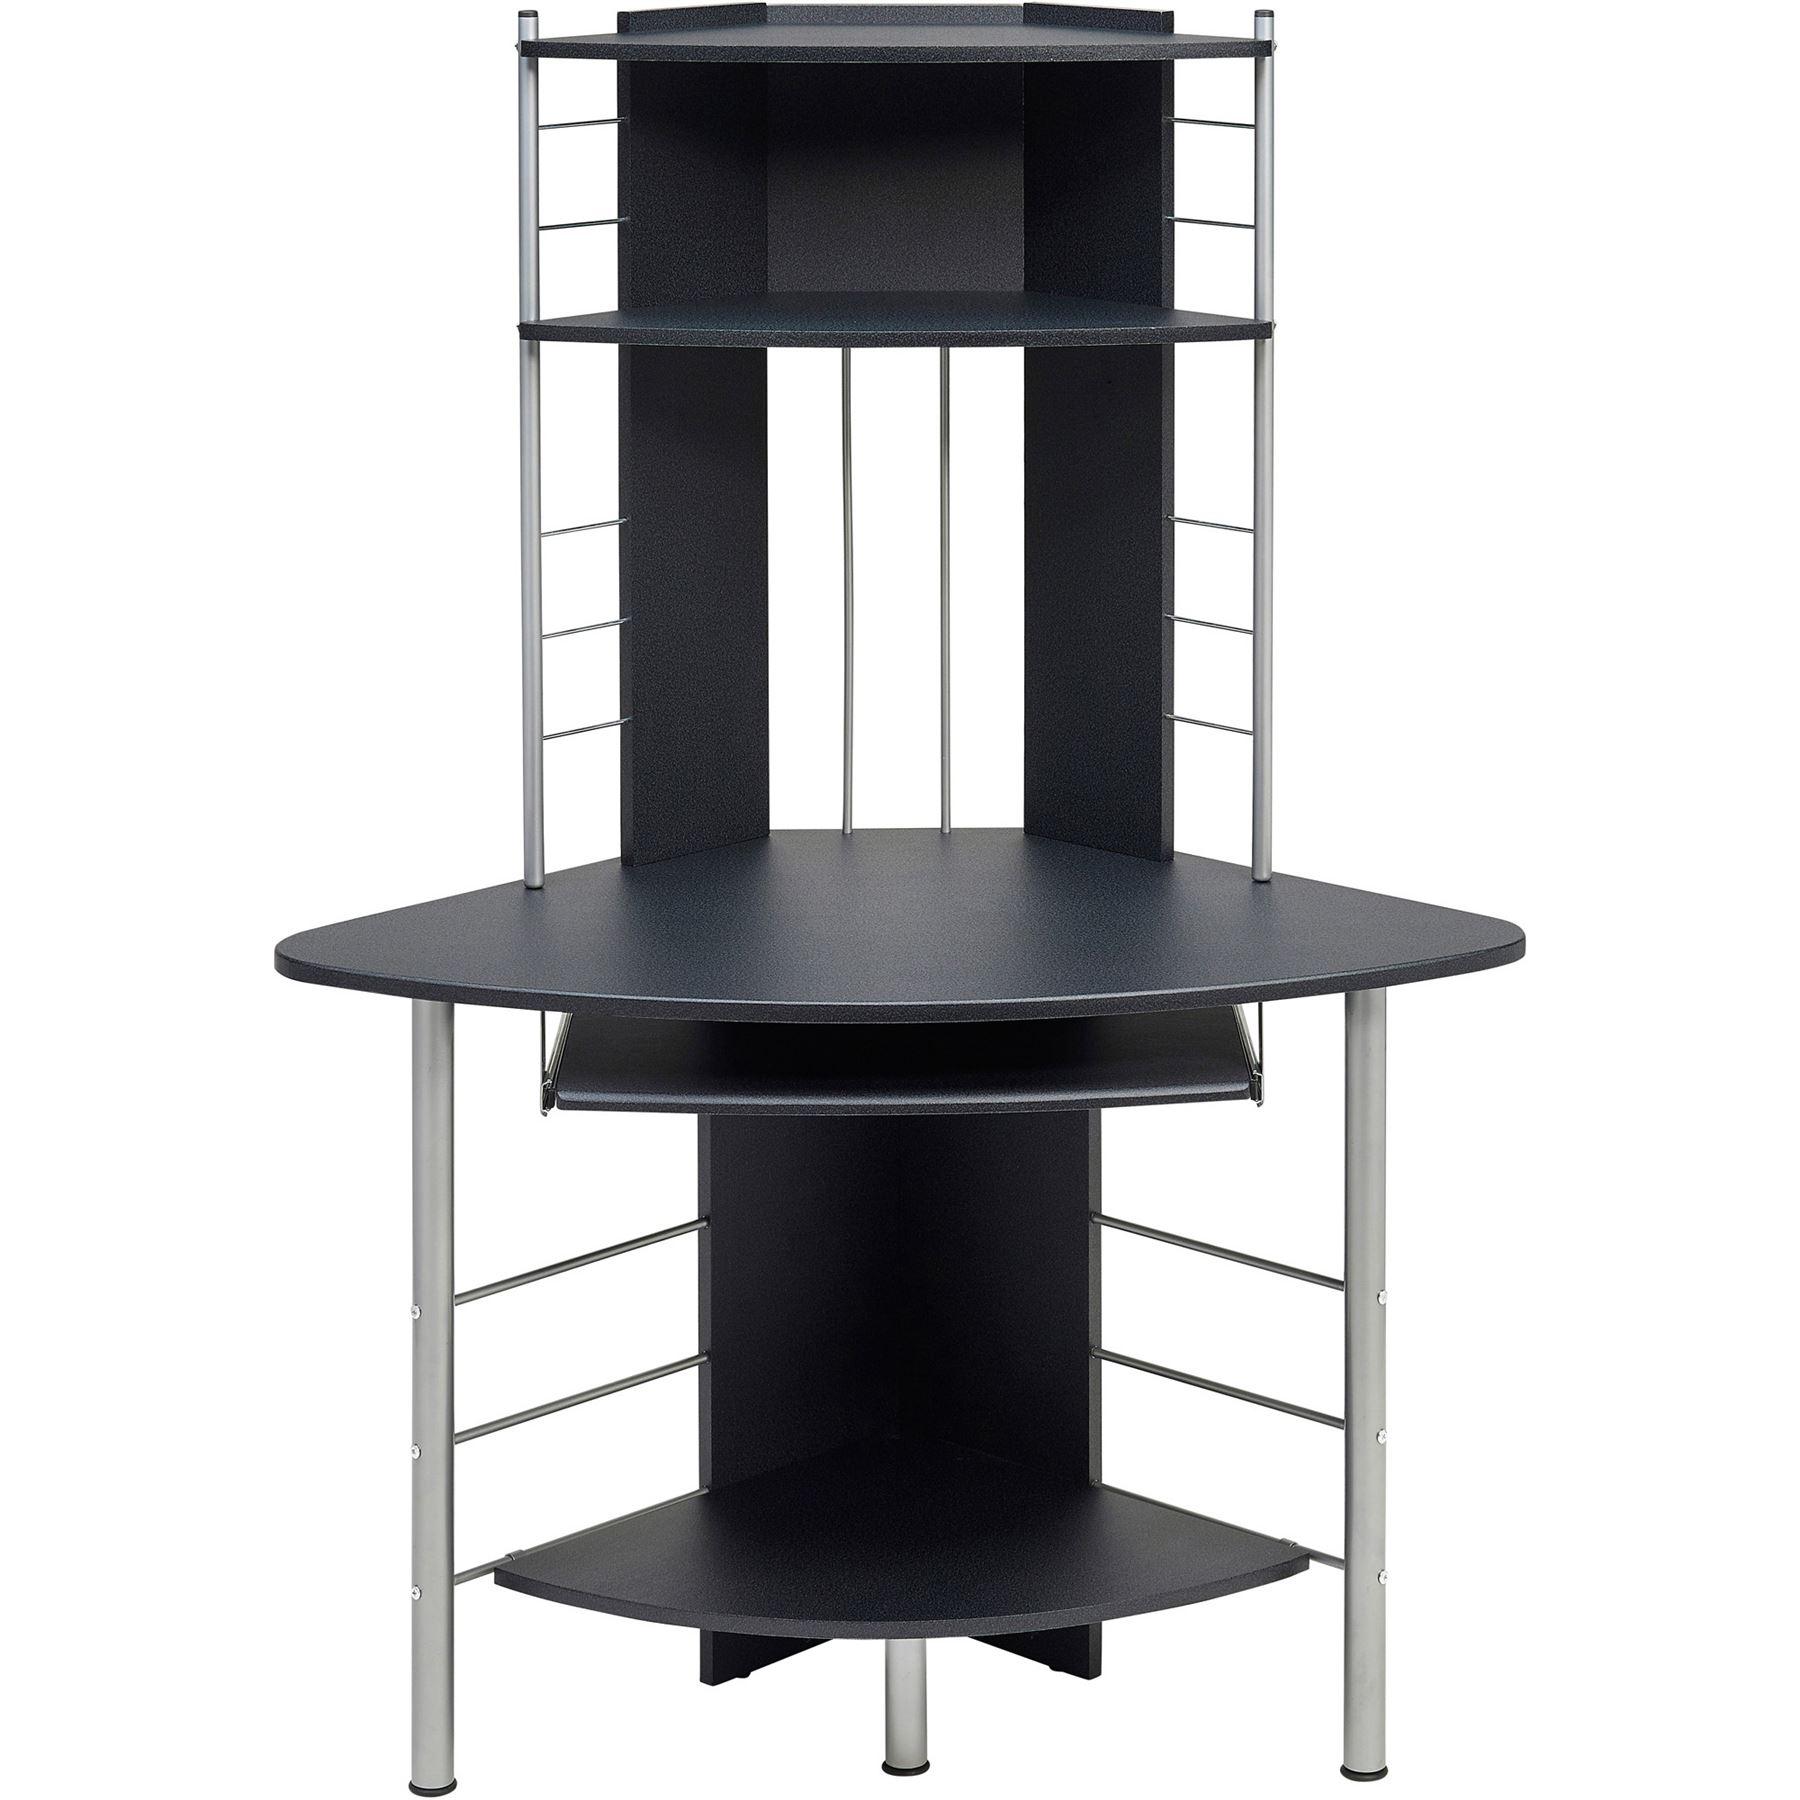 corner computer desk with shelves storage office furniture piranha oscar pc 8g ebay. Black Bedroom Furniture Sets. Home Design Ideas